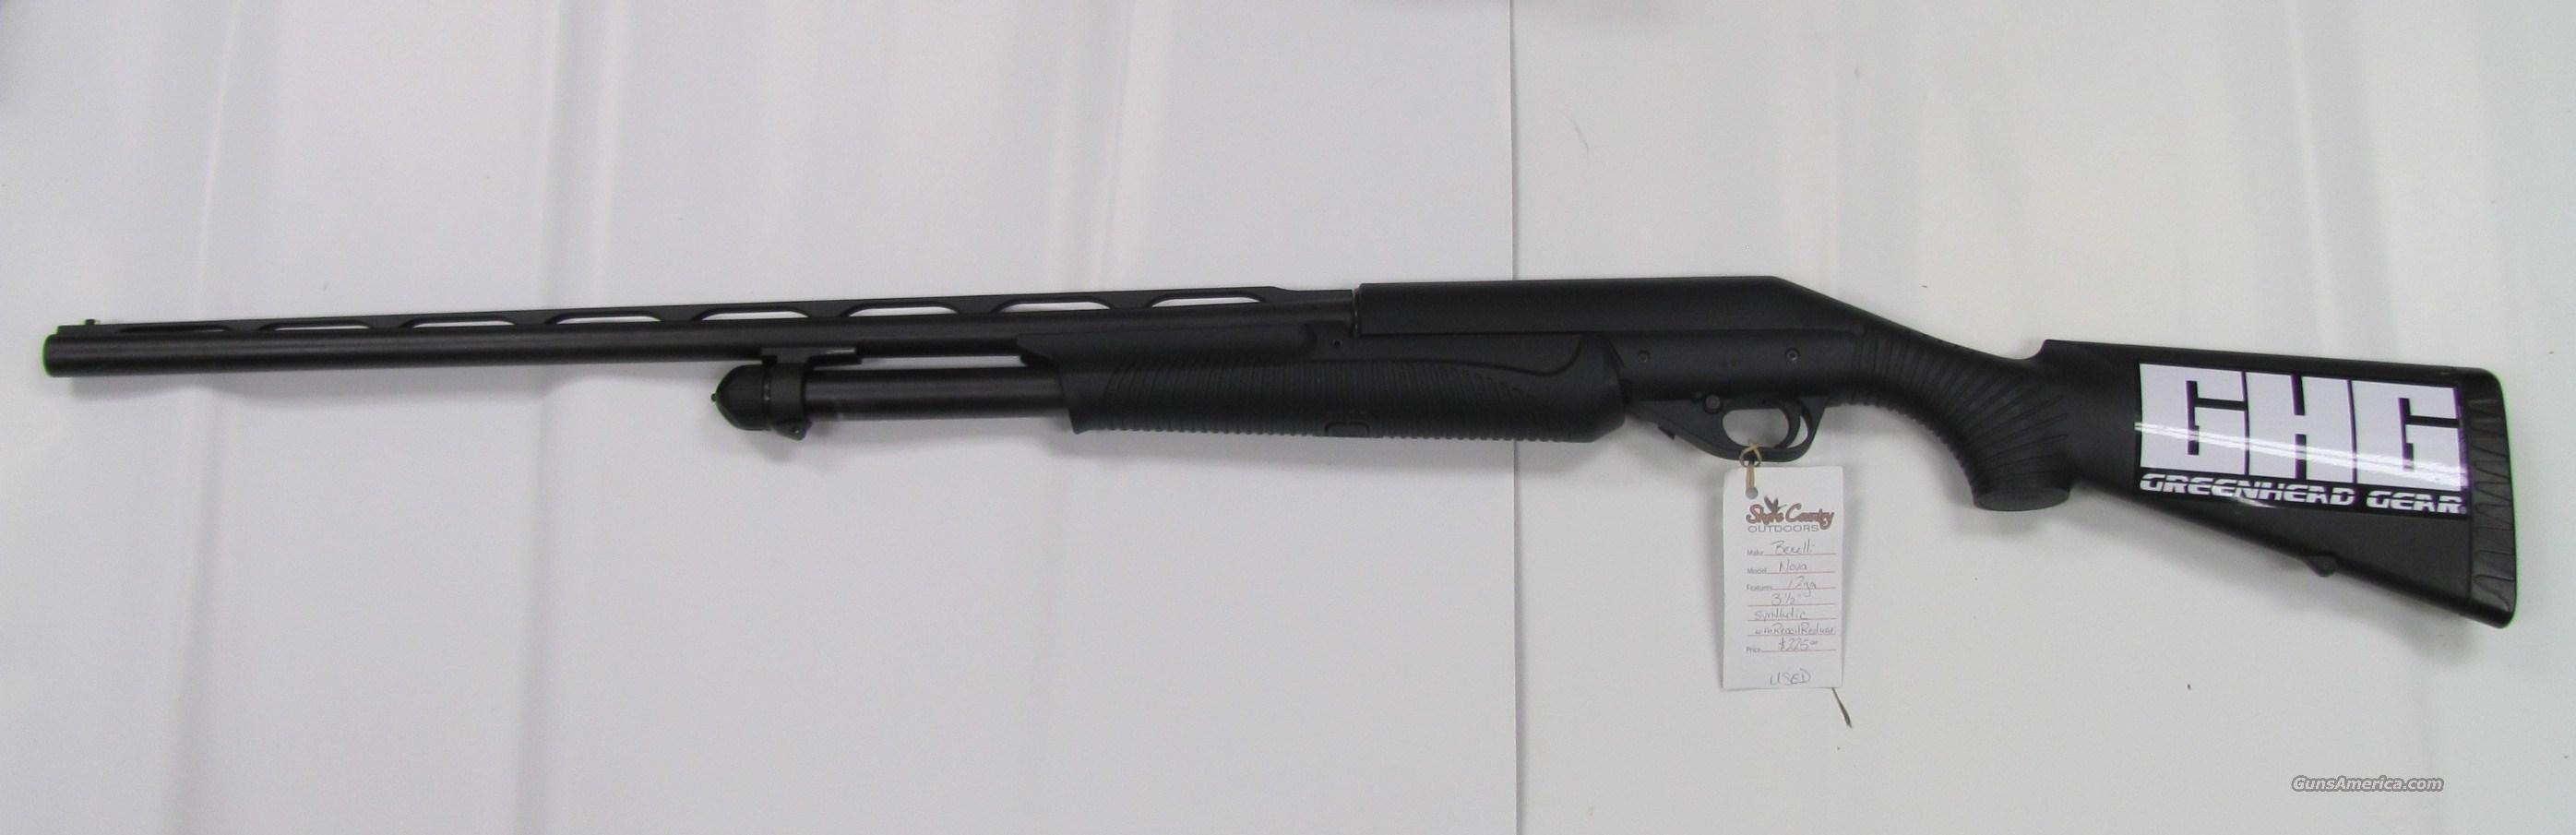 BENELLI NOVA PUMP 12GA.   Guns > Shotguns > Benelli Shotguns > Sporting